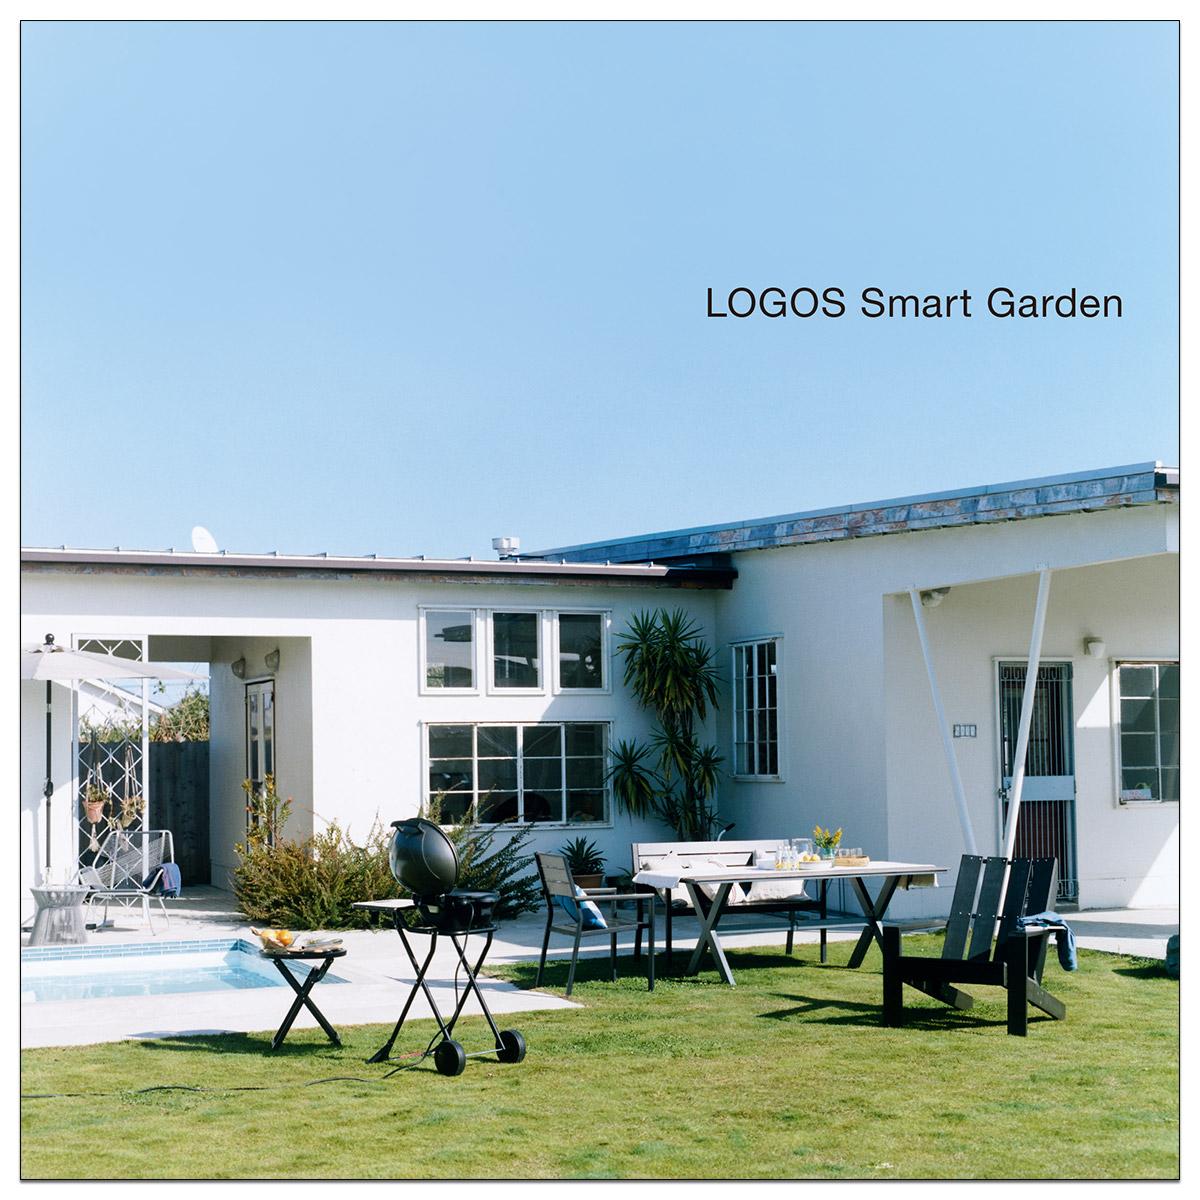 LOGOS Smart Garden